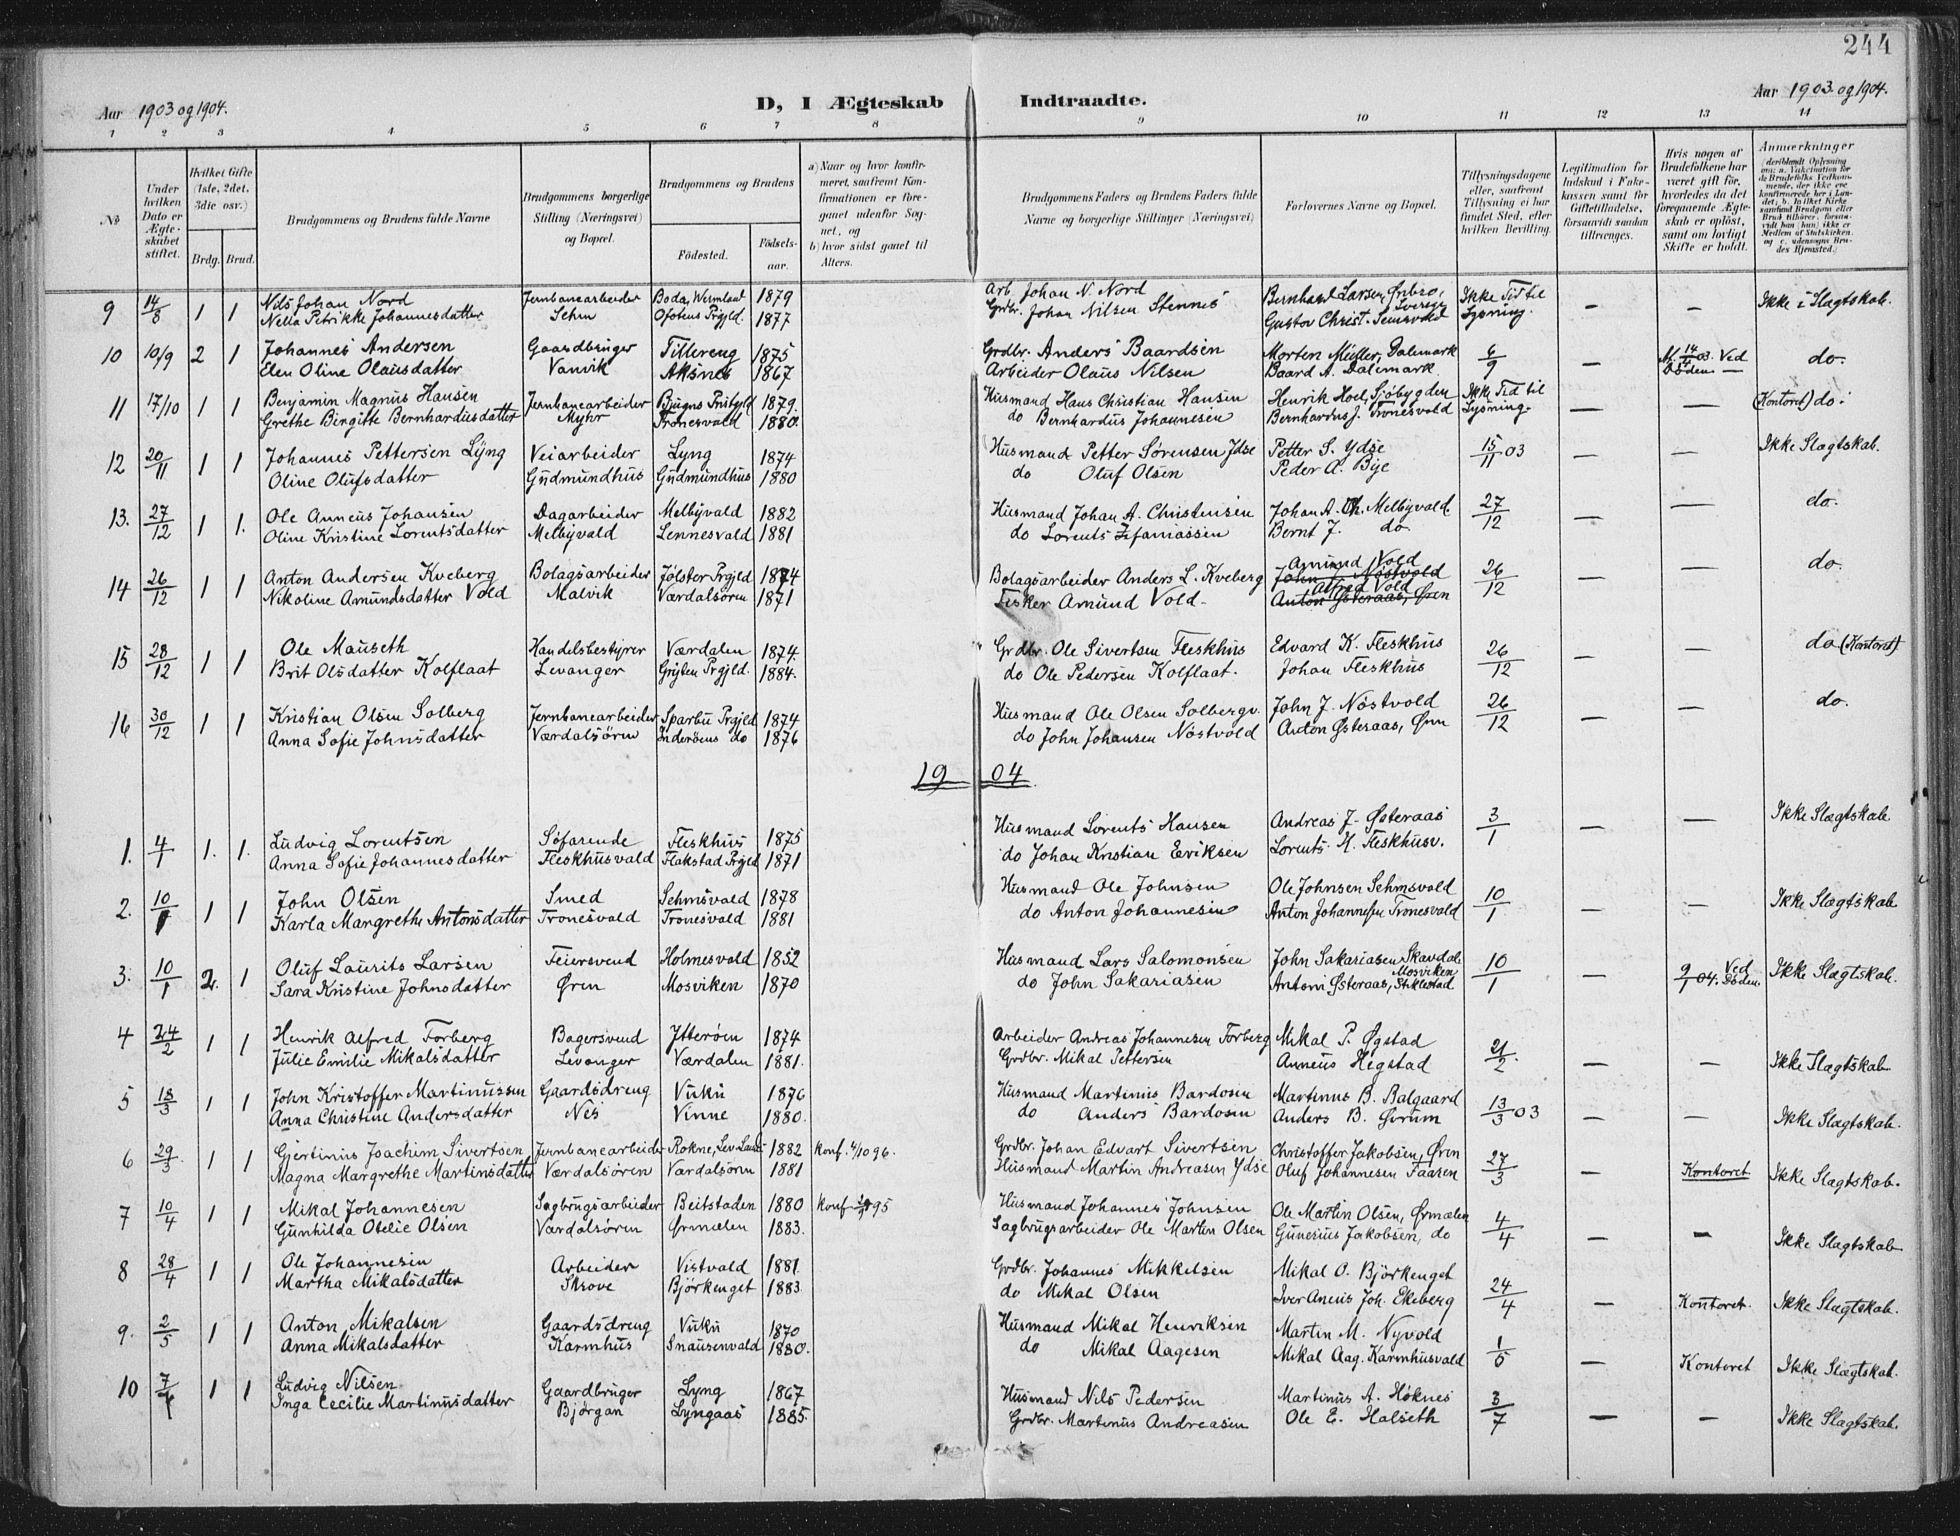 SAT, Ministerialprotokoller, klokkerbøker og fødselsregistre - Nord-Trøndelag, 723/L0246: Ministerialbok nr. 723A15, 1900-1917, s. 244